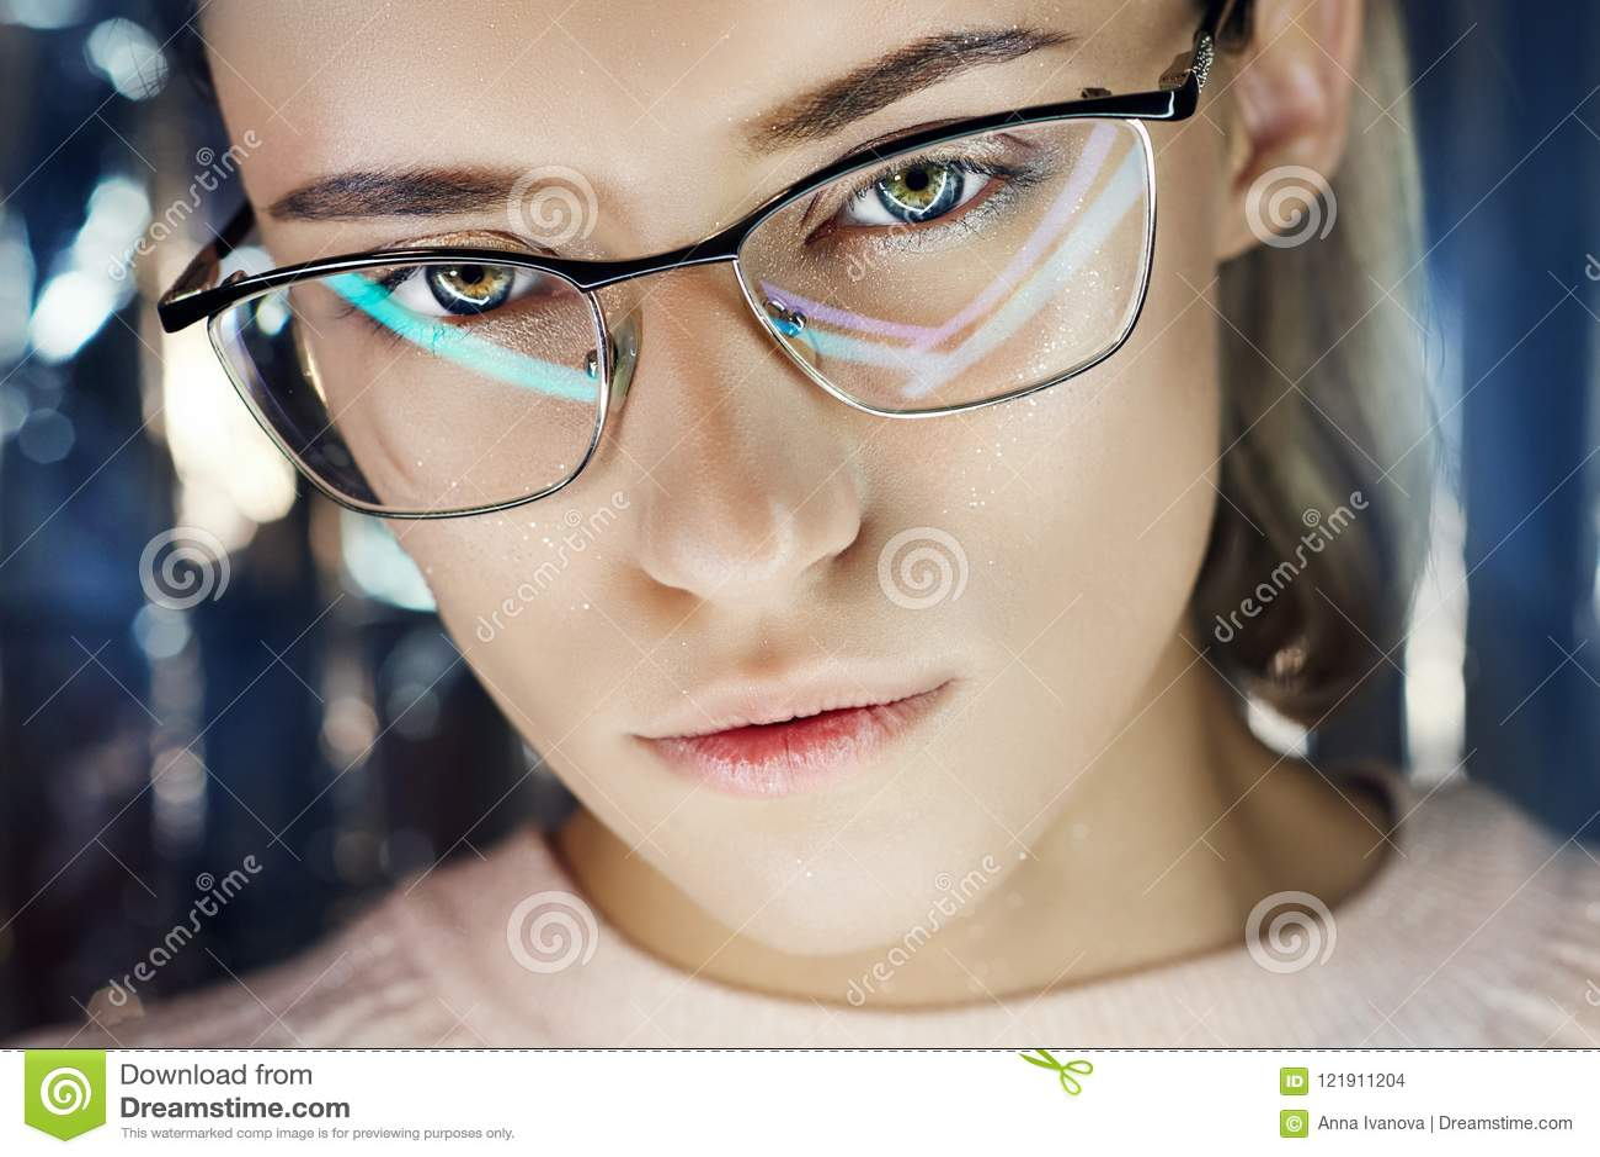 Le portrait d une femme en néon a coloré des verres de réflexion à l arrière-plan Bonne vision, maquillage parfait sur le visage